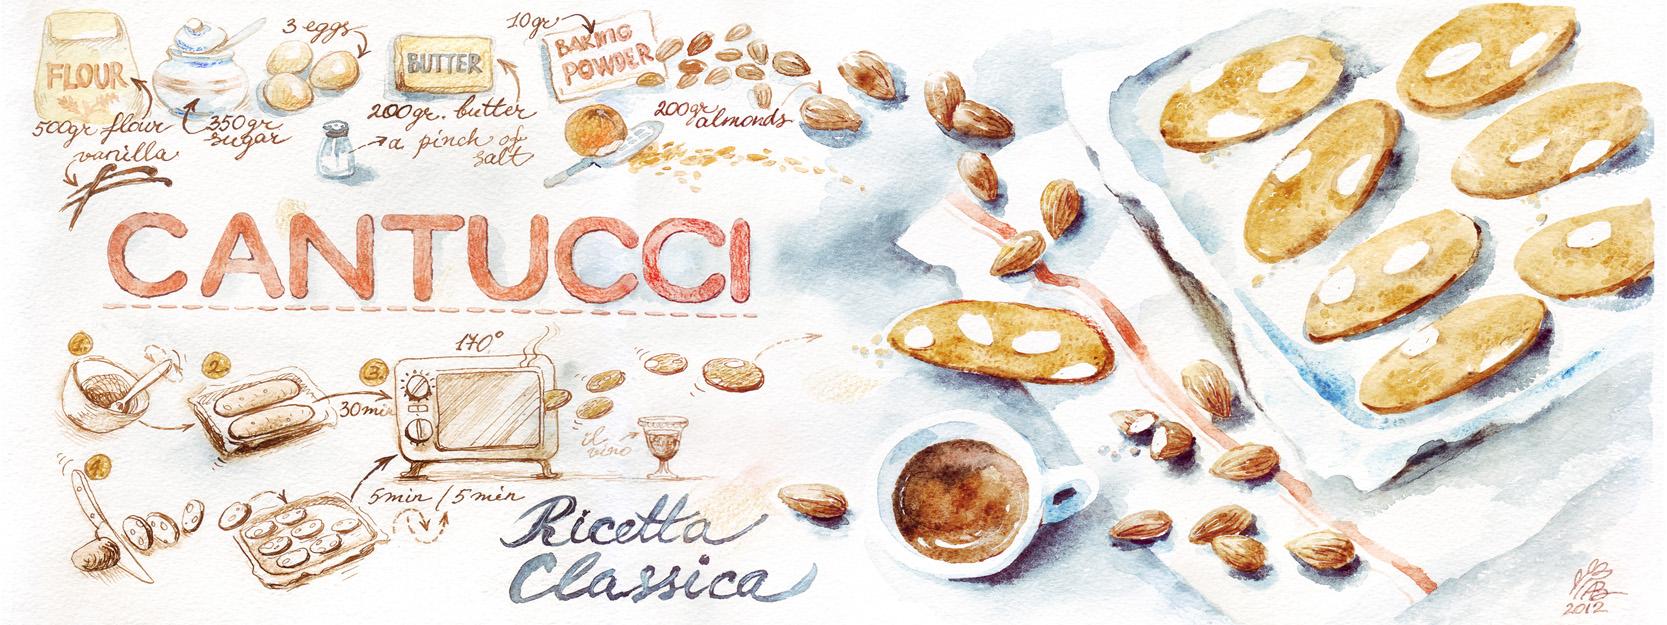 cantucci_al.bereghici_small